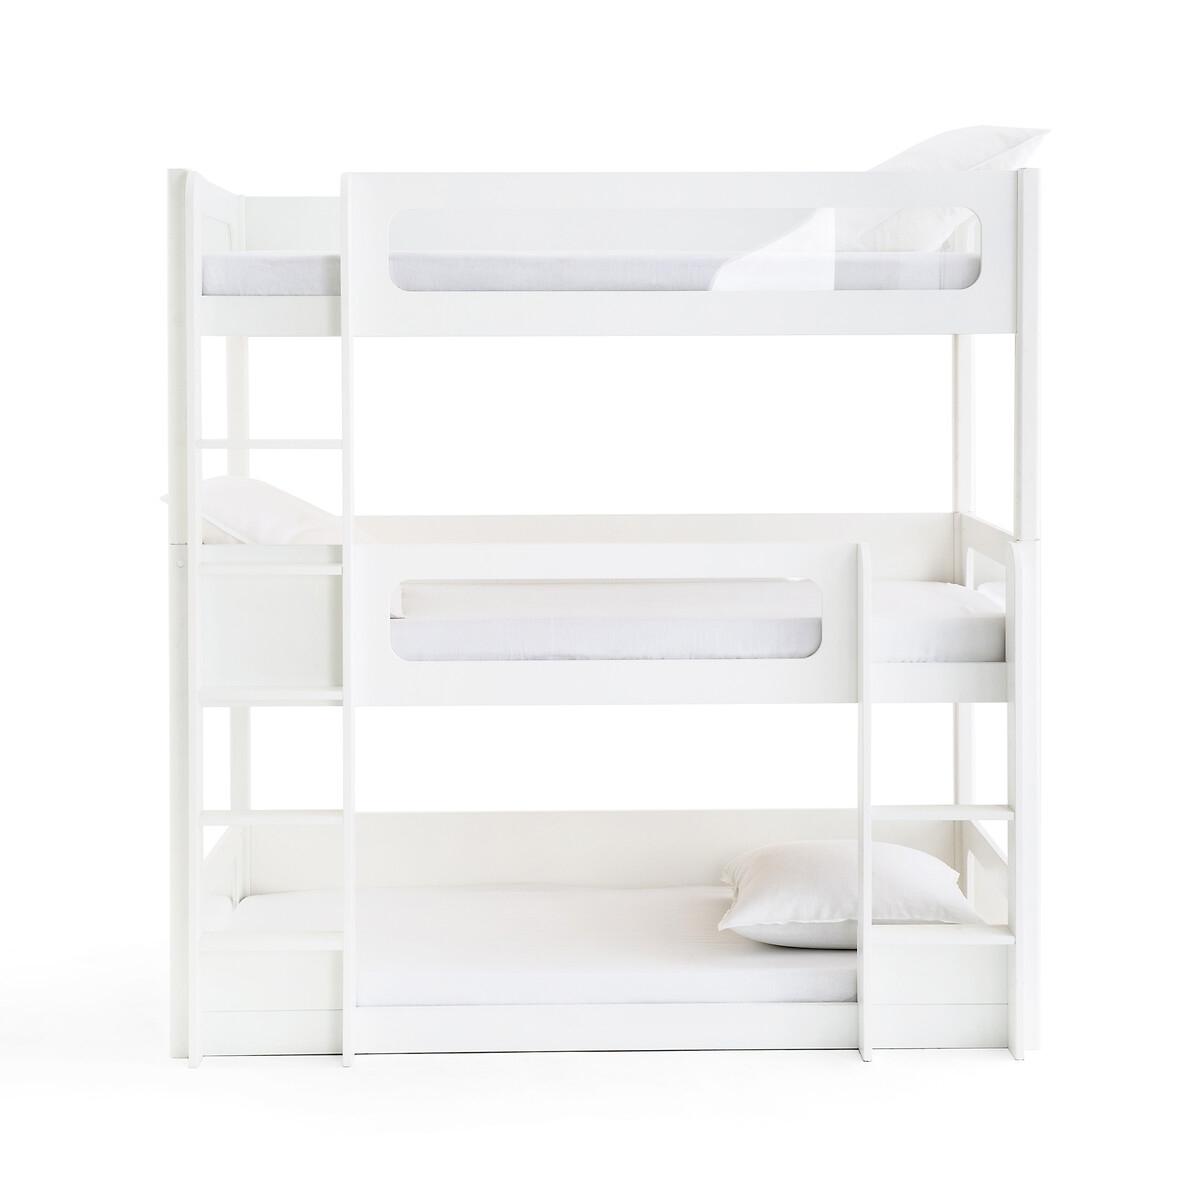 3 кровати LaRedoute Расположенные друг над другом Pilha 90 x 190 см белый